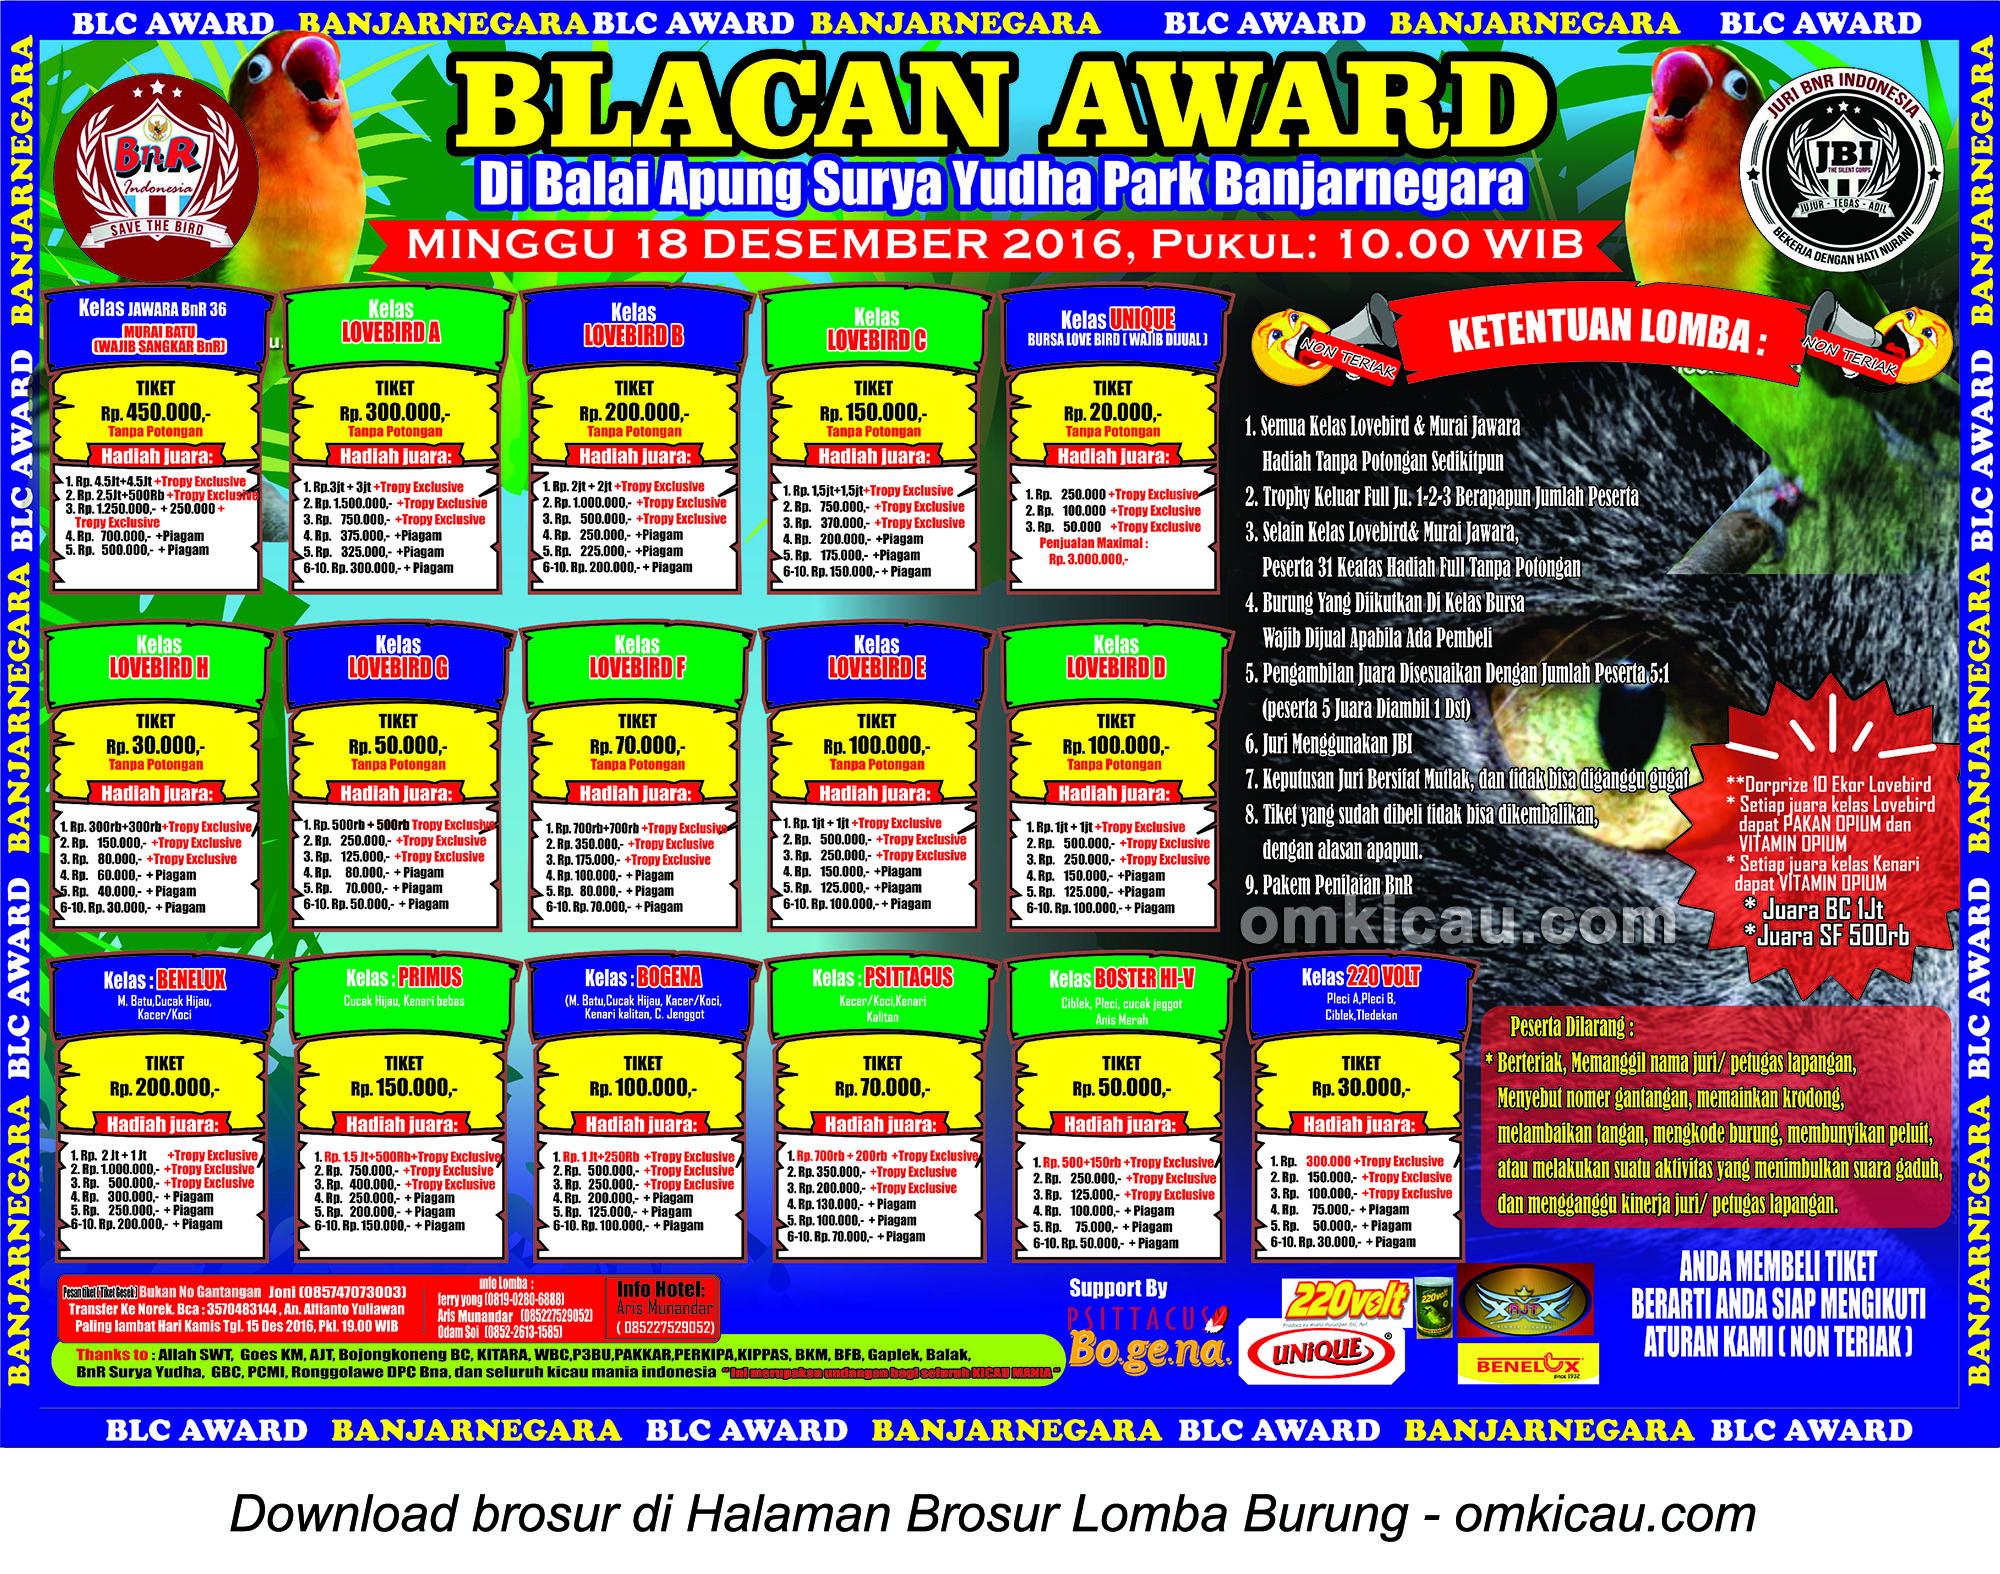 Brosur Lomba Burung Berkicau Blacan Award, Banjarnegara, 18 Desember 2016